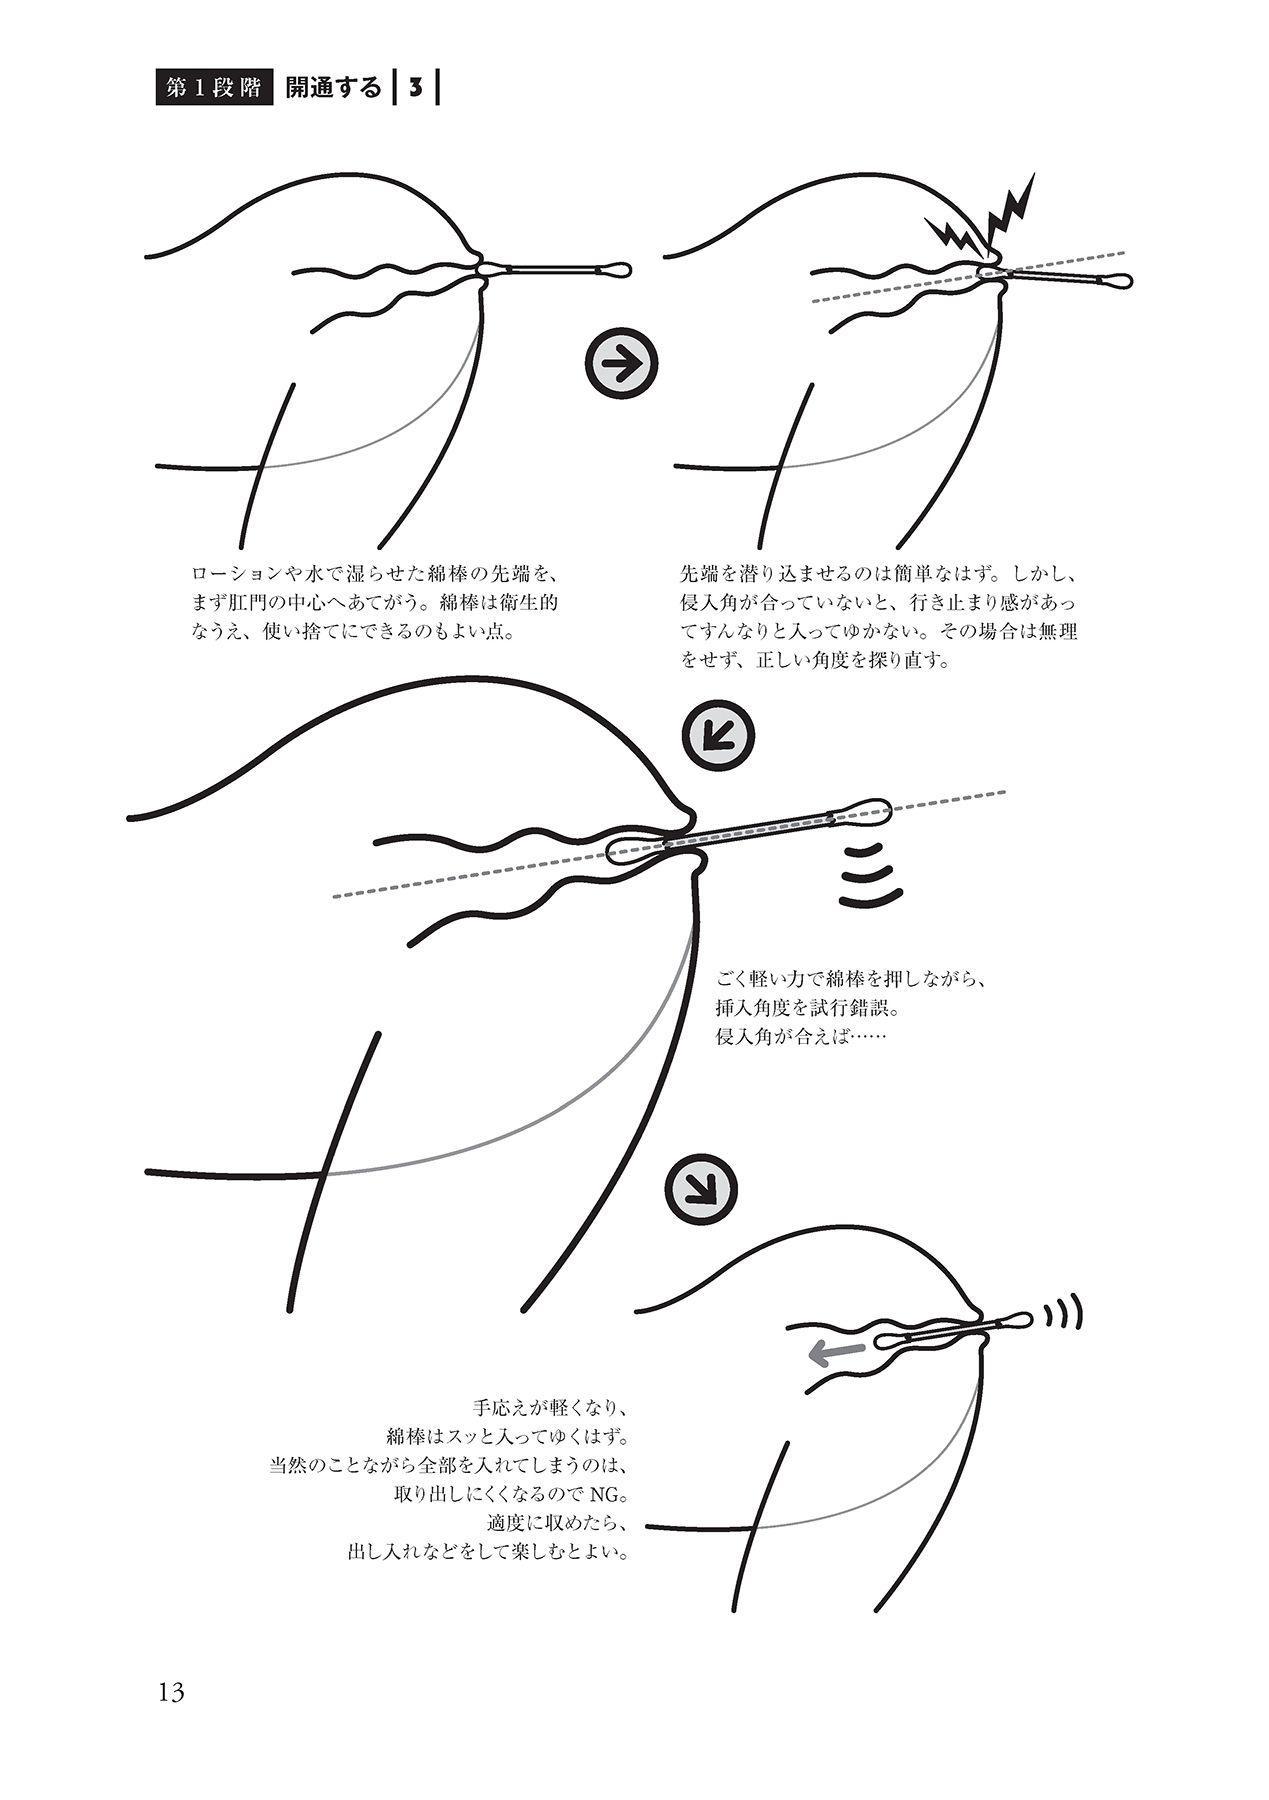 アナル性感開発・お尻エッチ 完全マニュアル 14